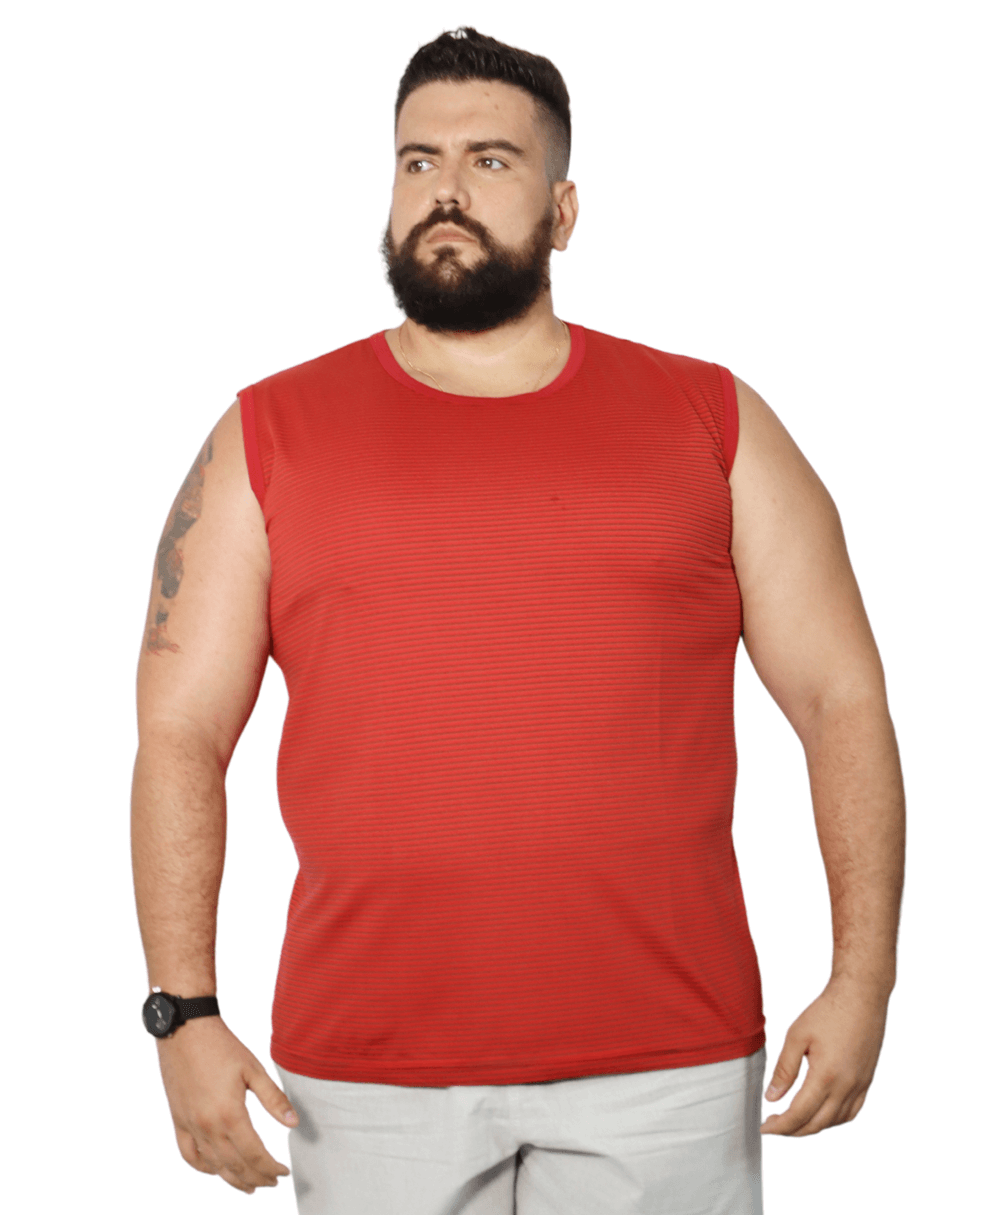 Camiseta Machão Listrada Plus Size  - HF | High Flight